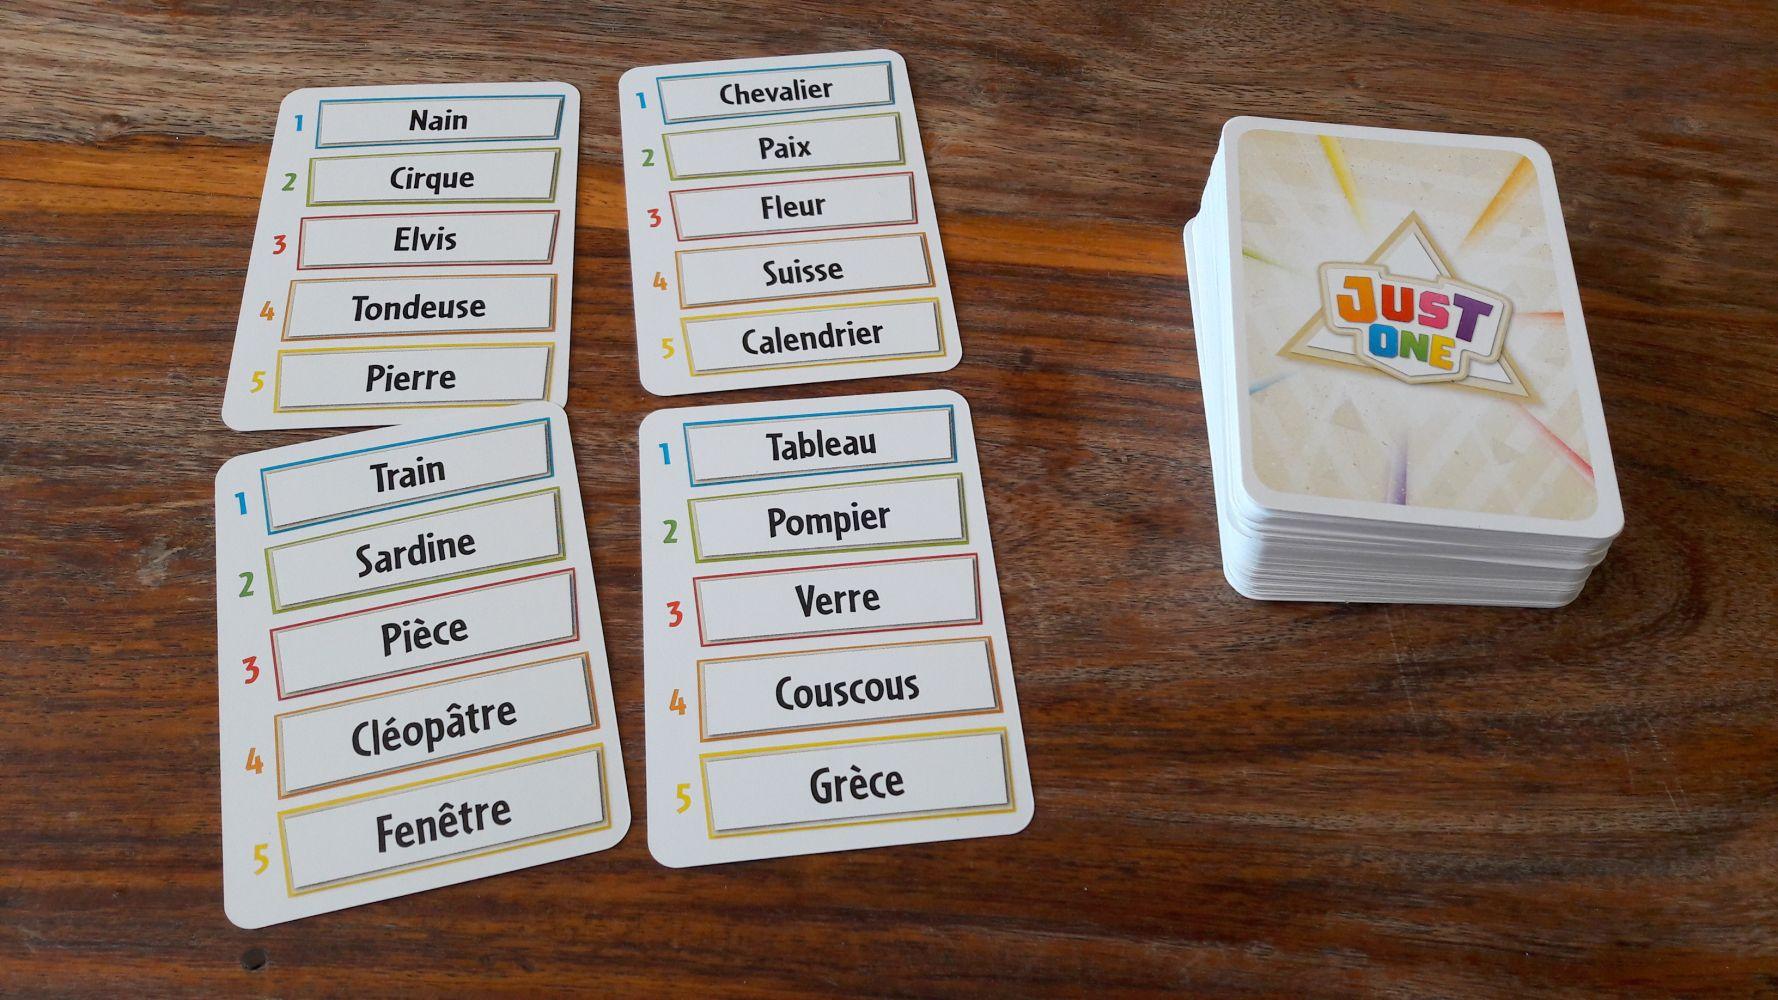 5 mots par carte : simple et pratique !